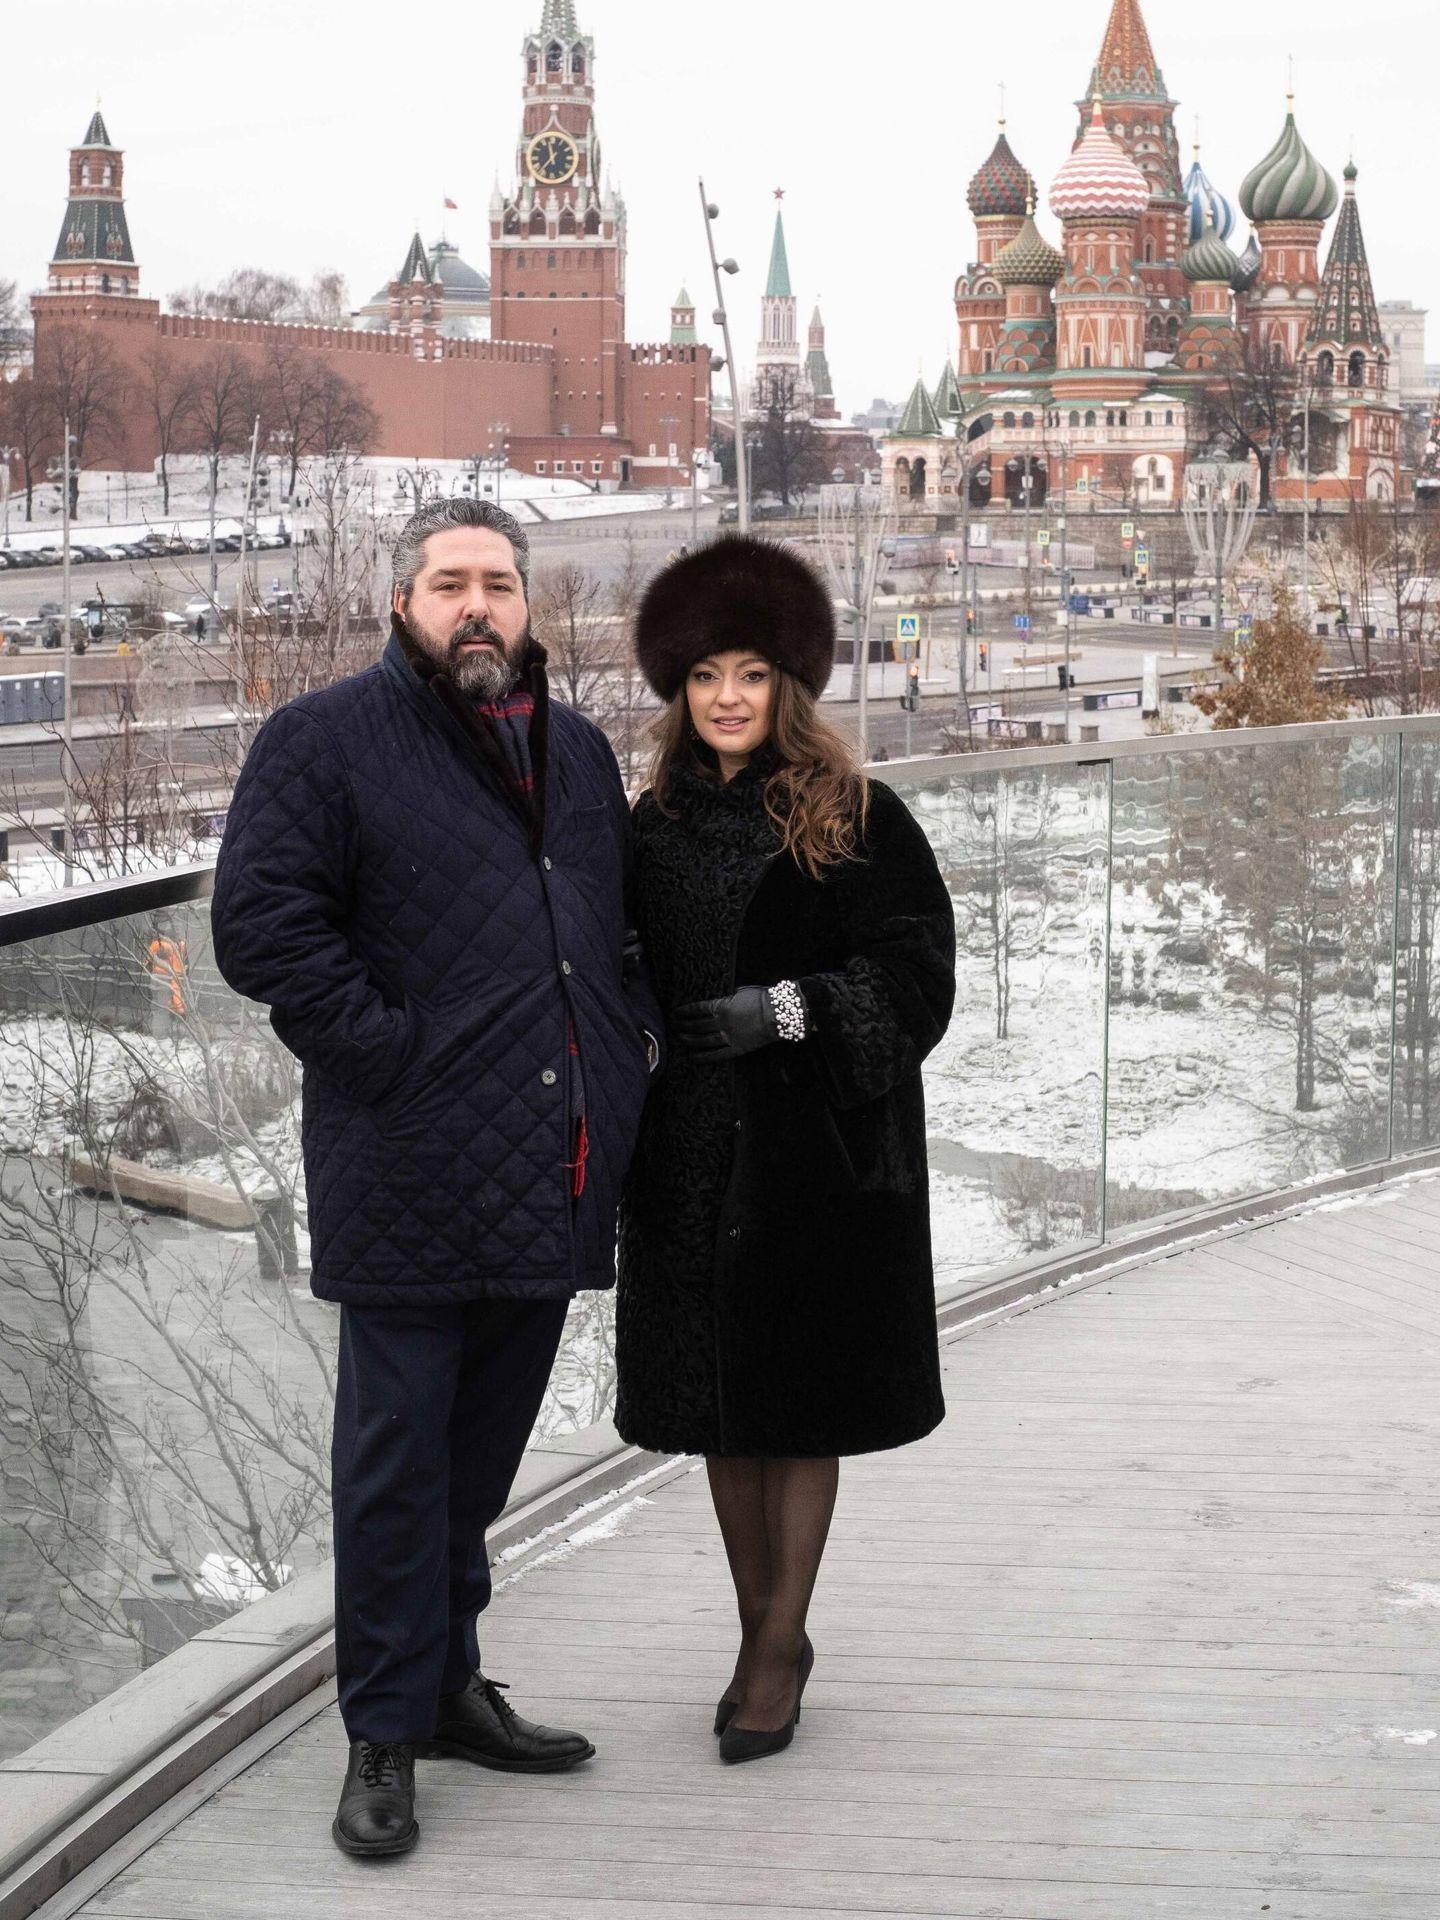 El gran duque Jorge de Rusia y Rebecca Bettarini. (Cancillería de la Casa Imperial rusa)